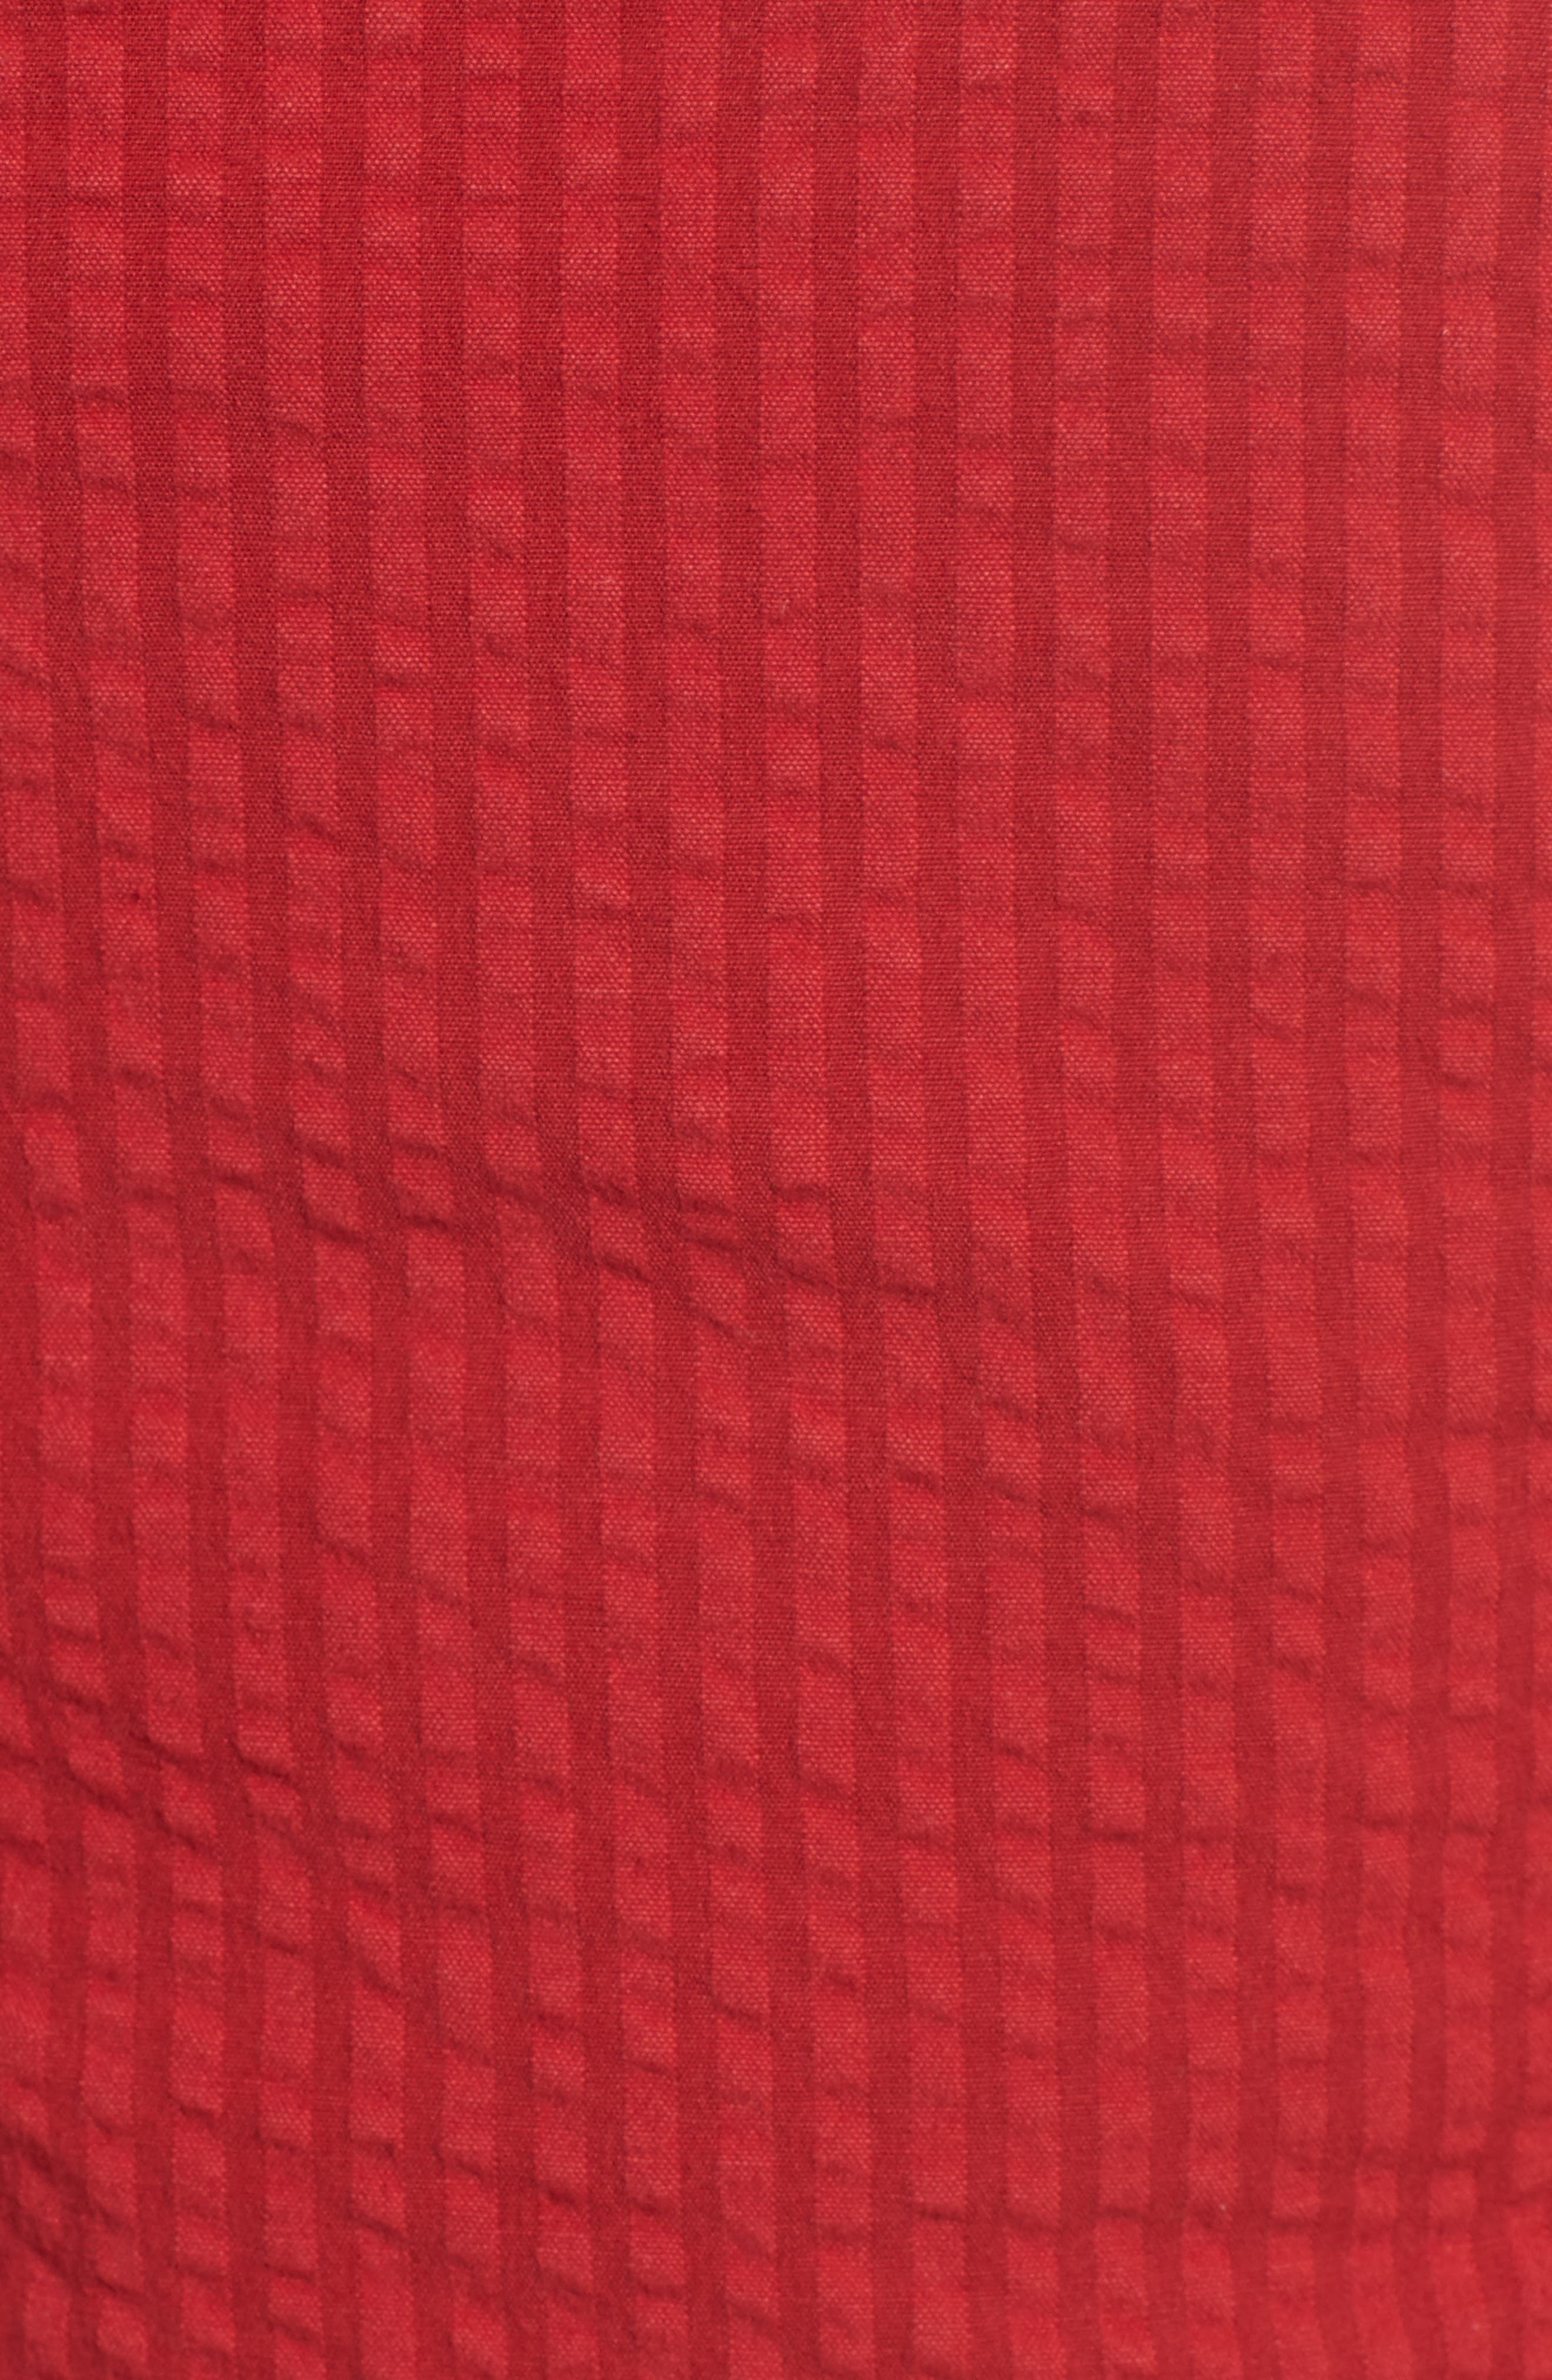 Everyday Seersucker Shorts,                             Alternate thumbnail 5, color,                             Red Velvet